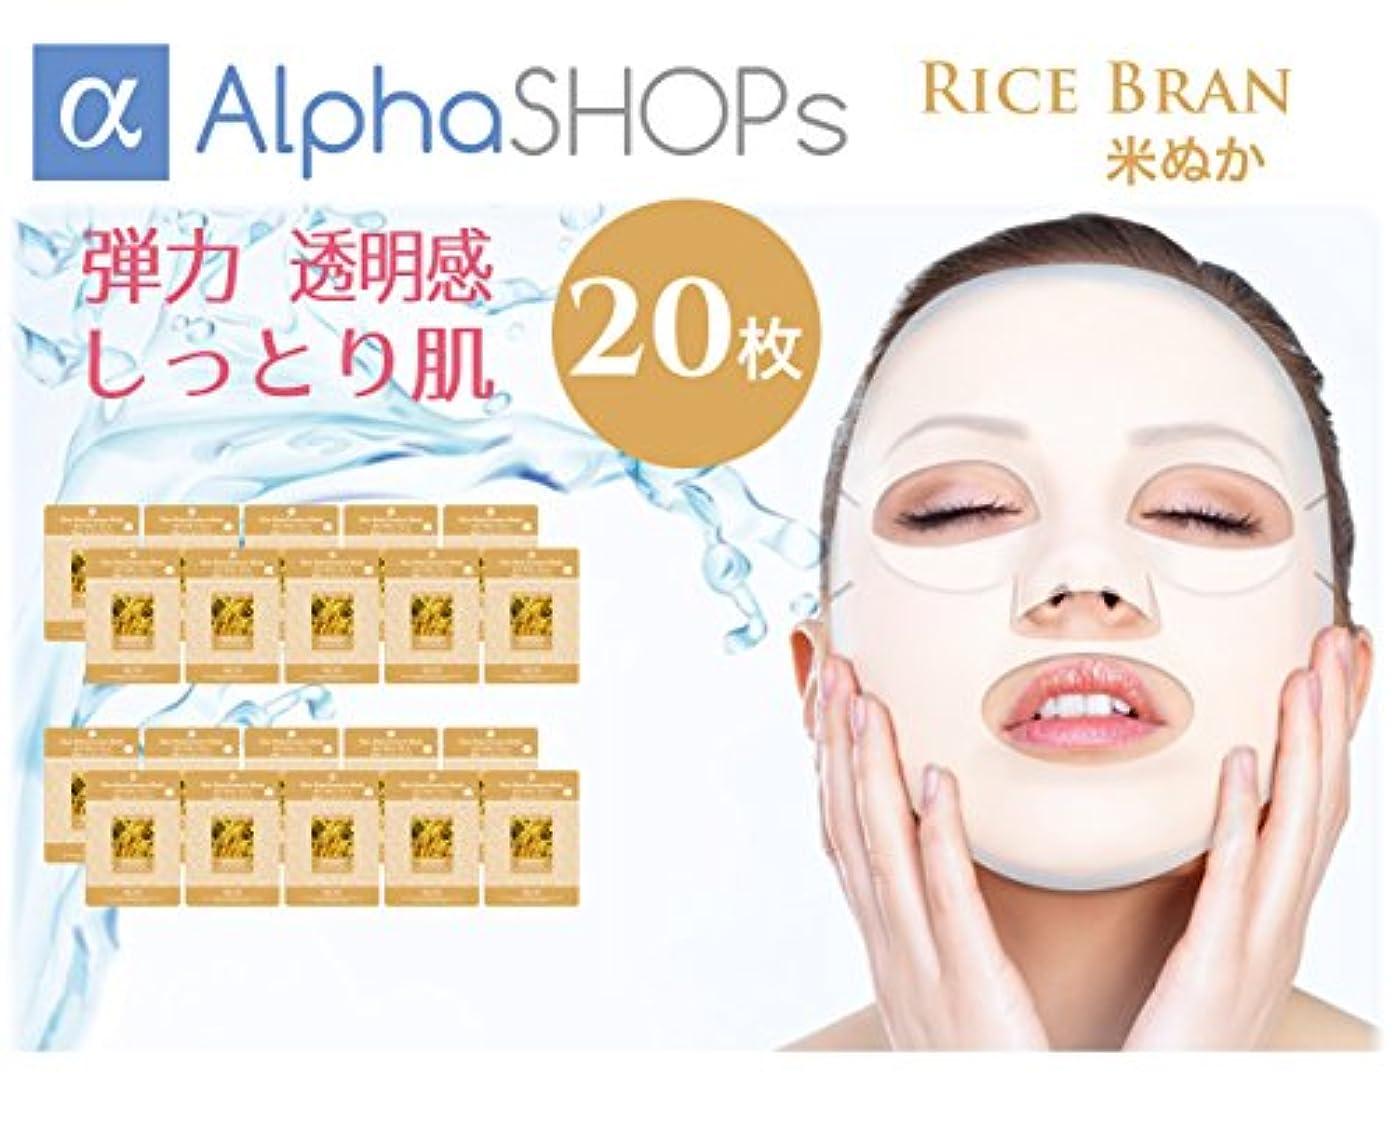 フェイスパック フェイスマスクパック 米ぬか ランキング 上位 韓国コスメ 20枚セット